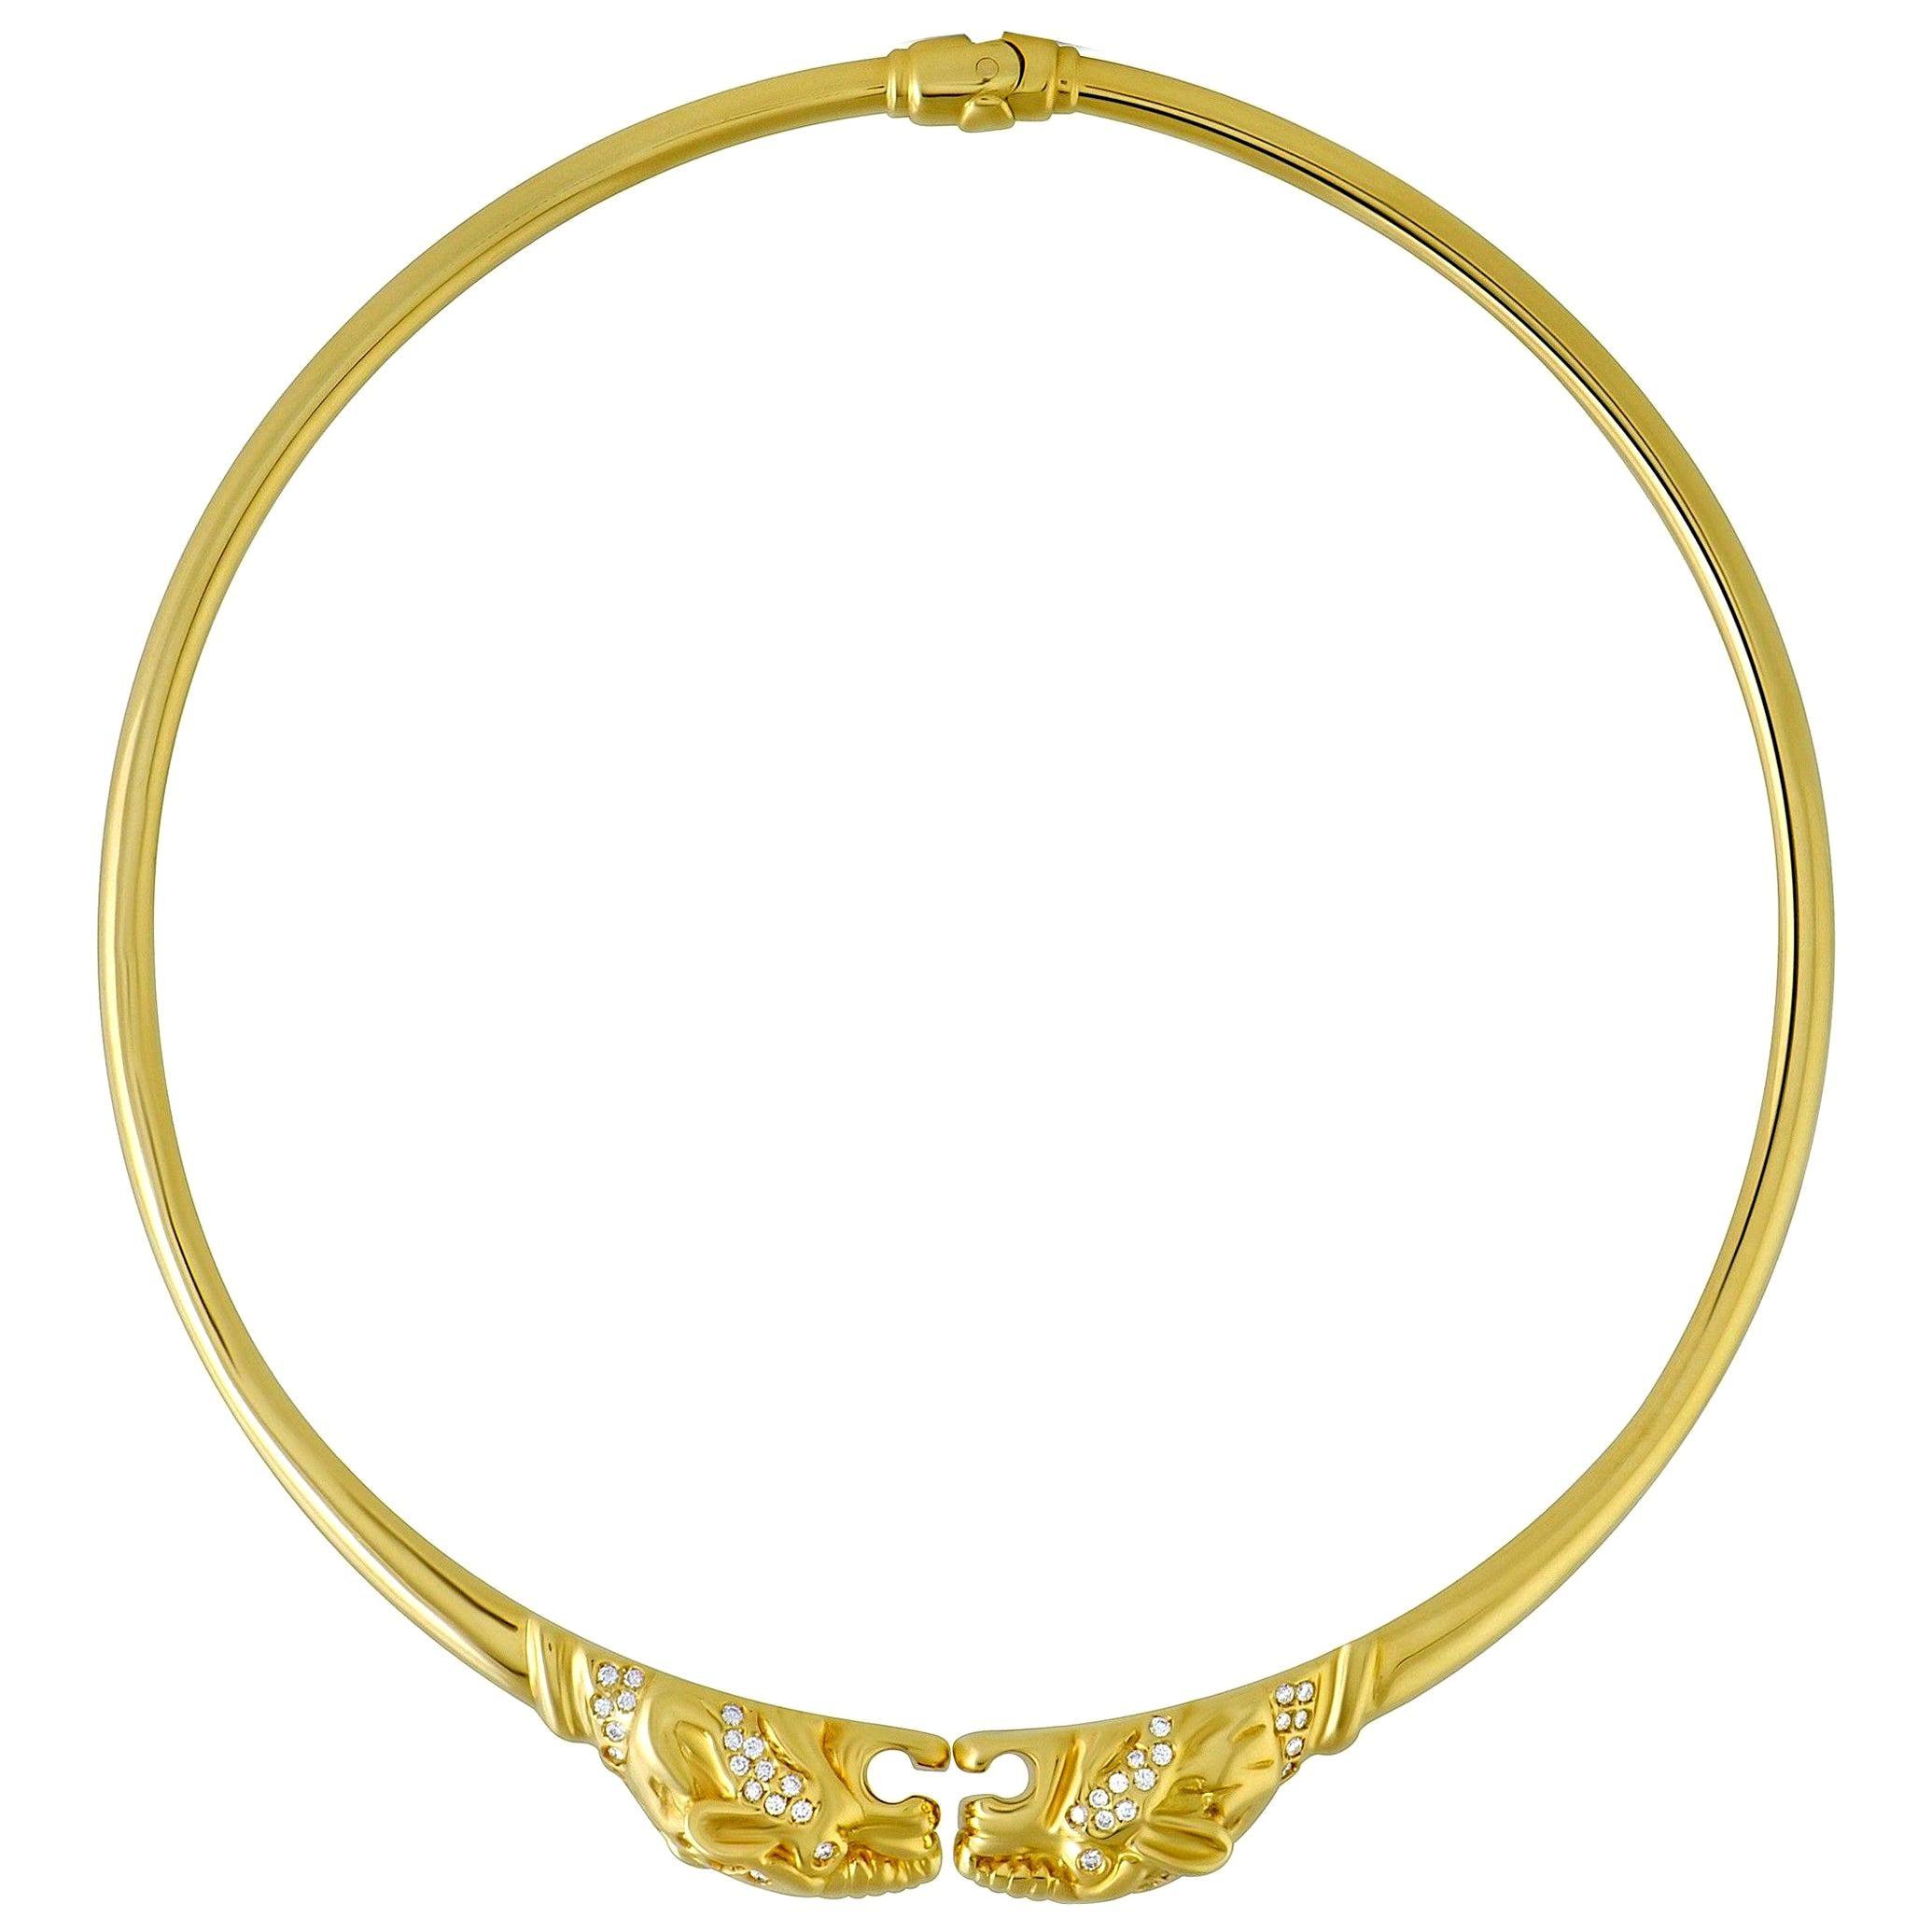 Gucci Panthere Diamond Yellow Gold Choker Necklace